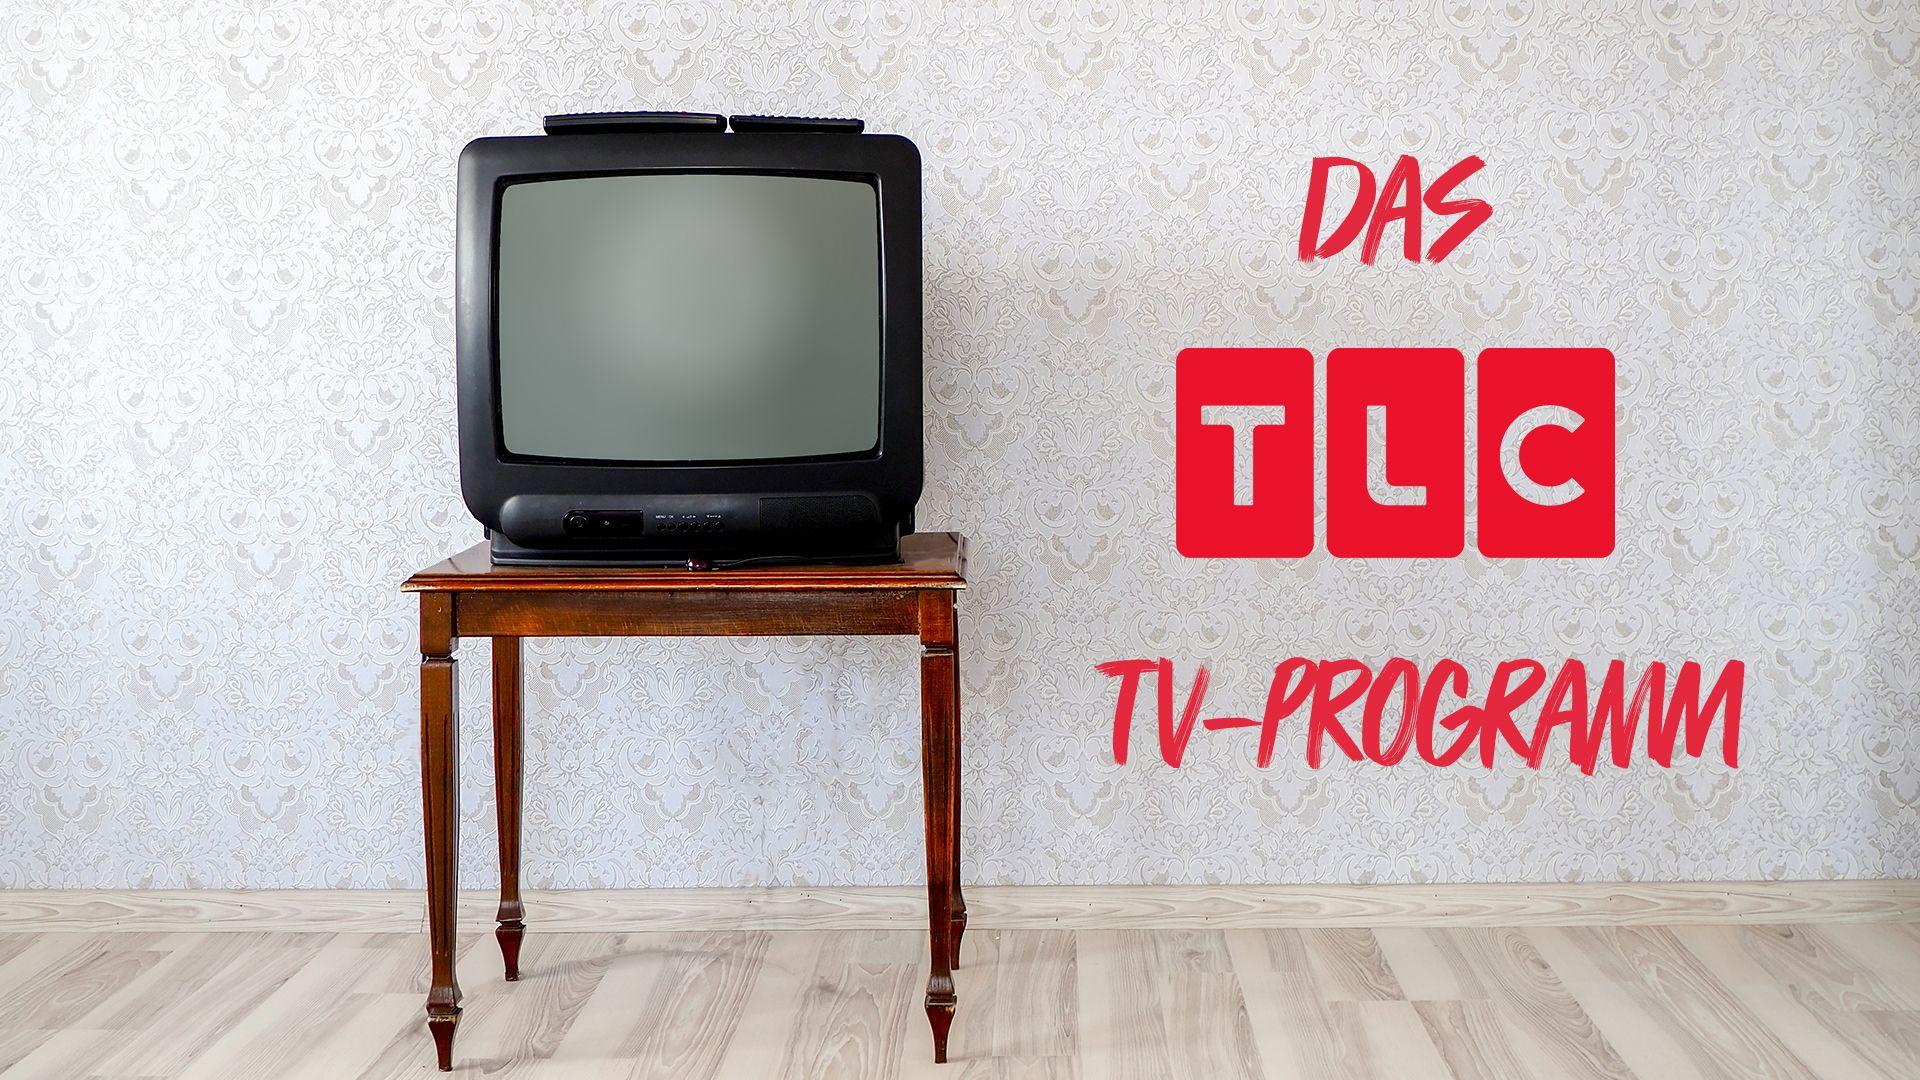 Tlc Tv-Sendungen